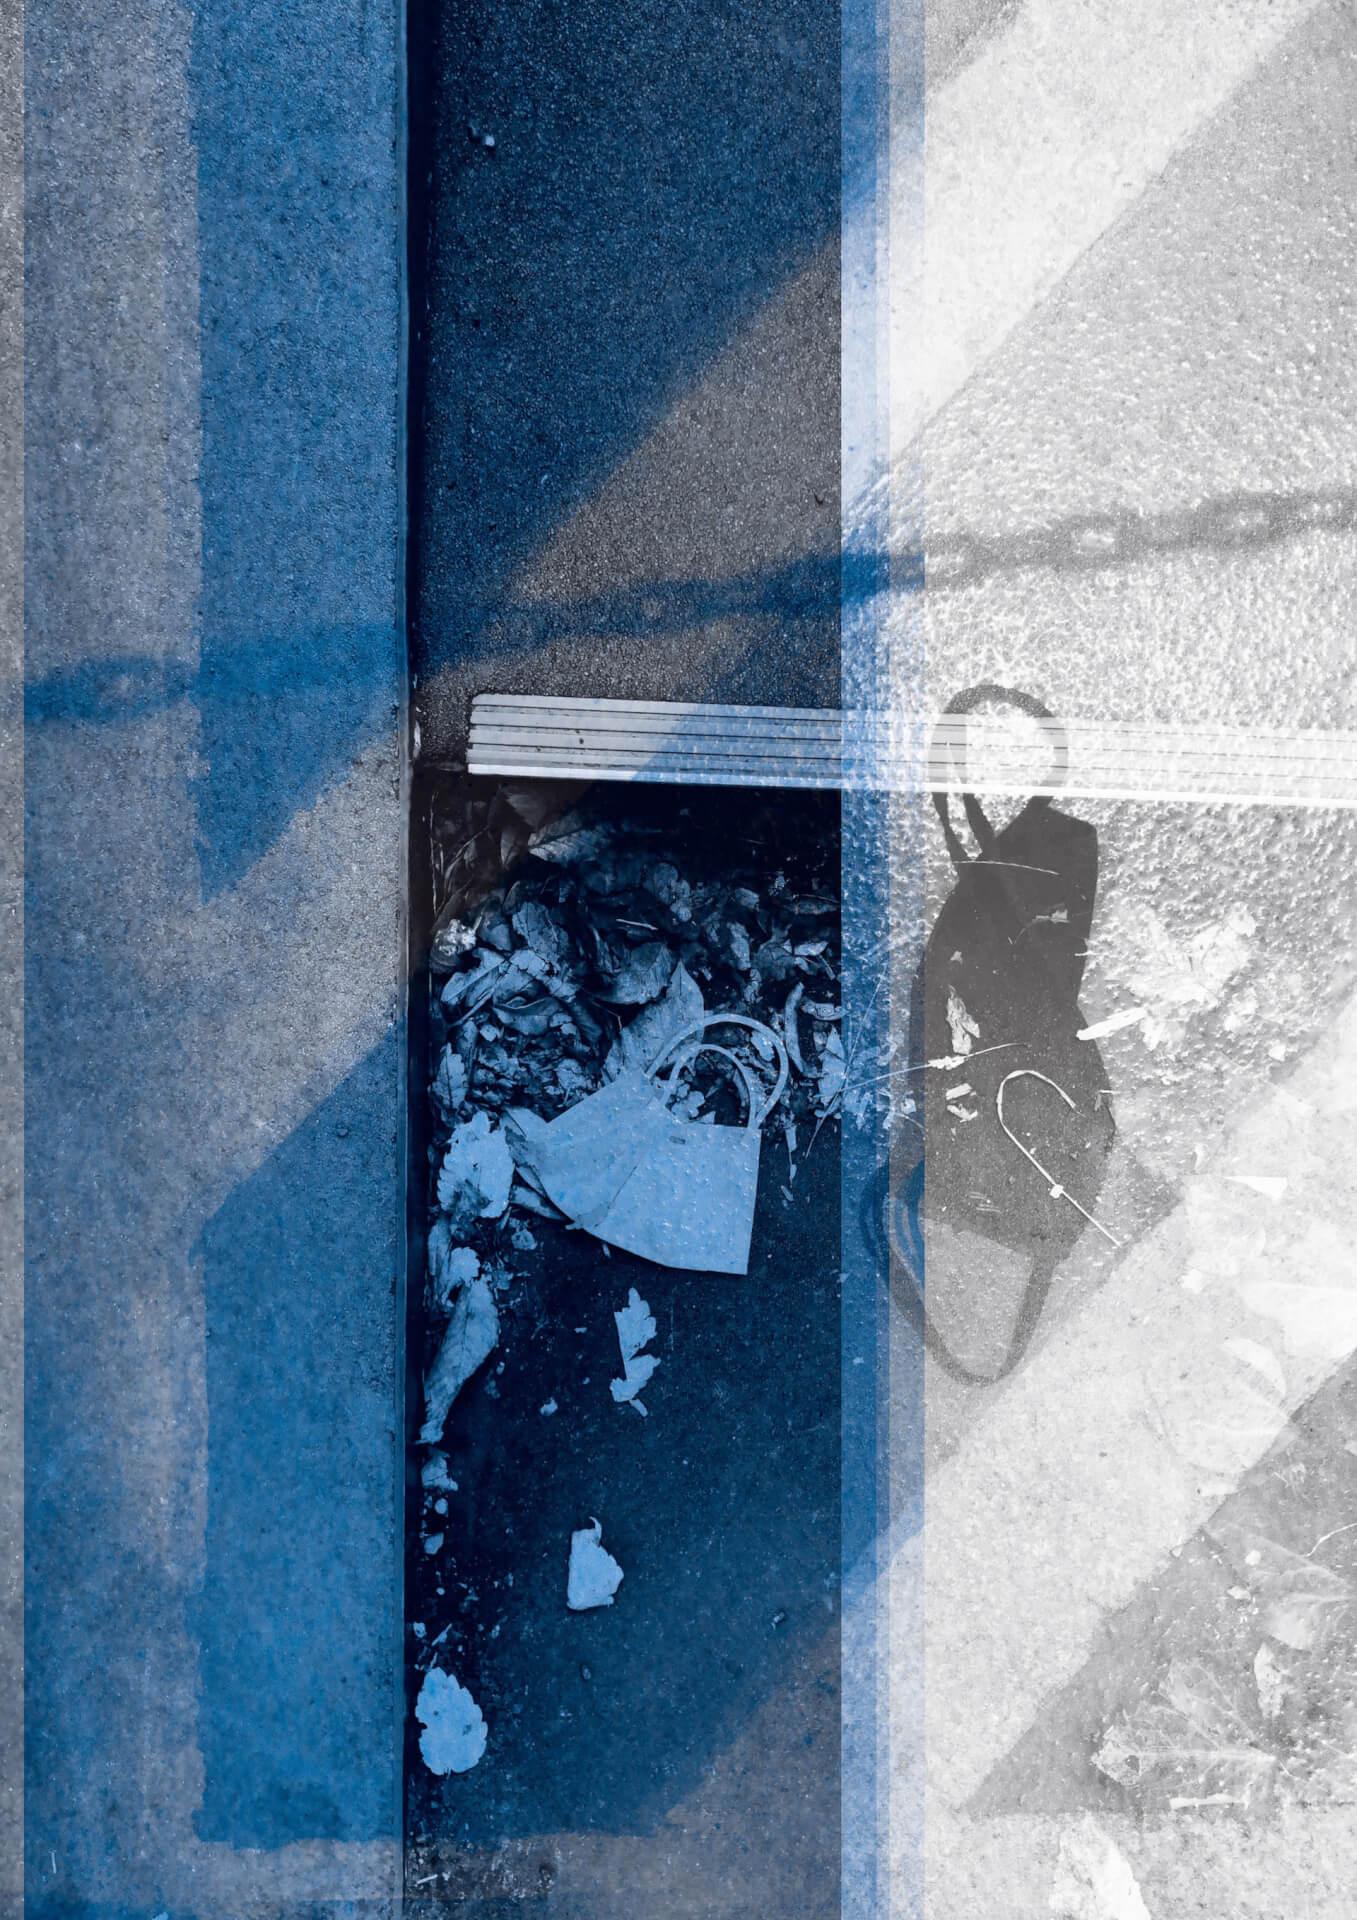 黒瀧節也による音楽と写真を組み合わせたアートヴァイナルやNFT作品のエキシビジョン<ALTER EGO>が原宿 THE PLUGにて開催! art210604_alterego_3